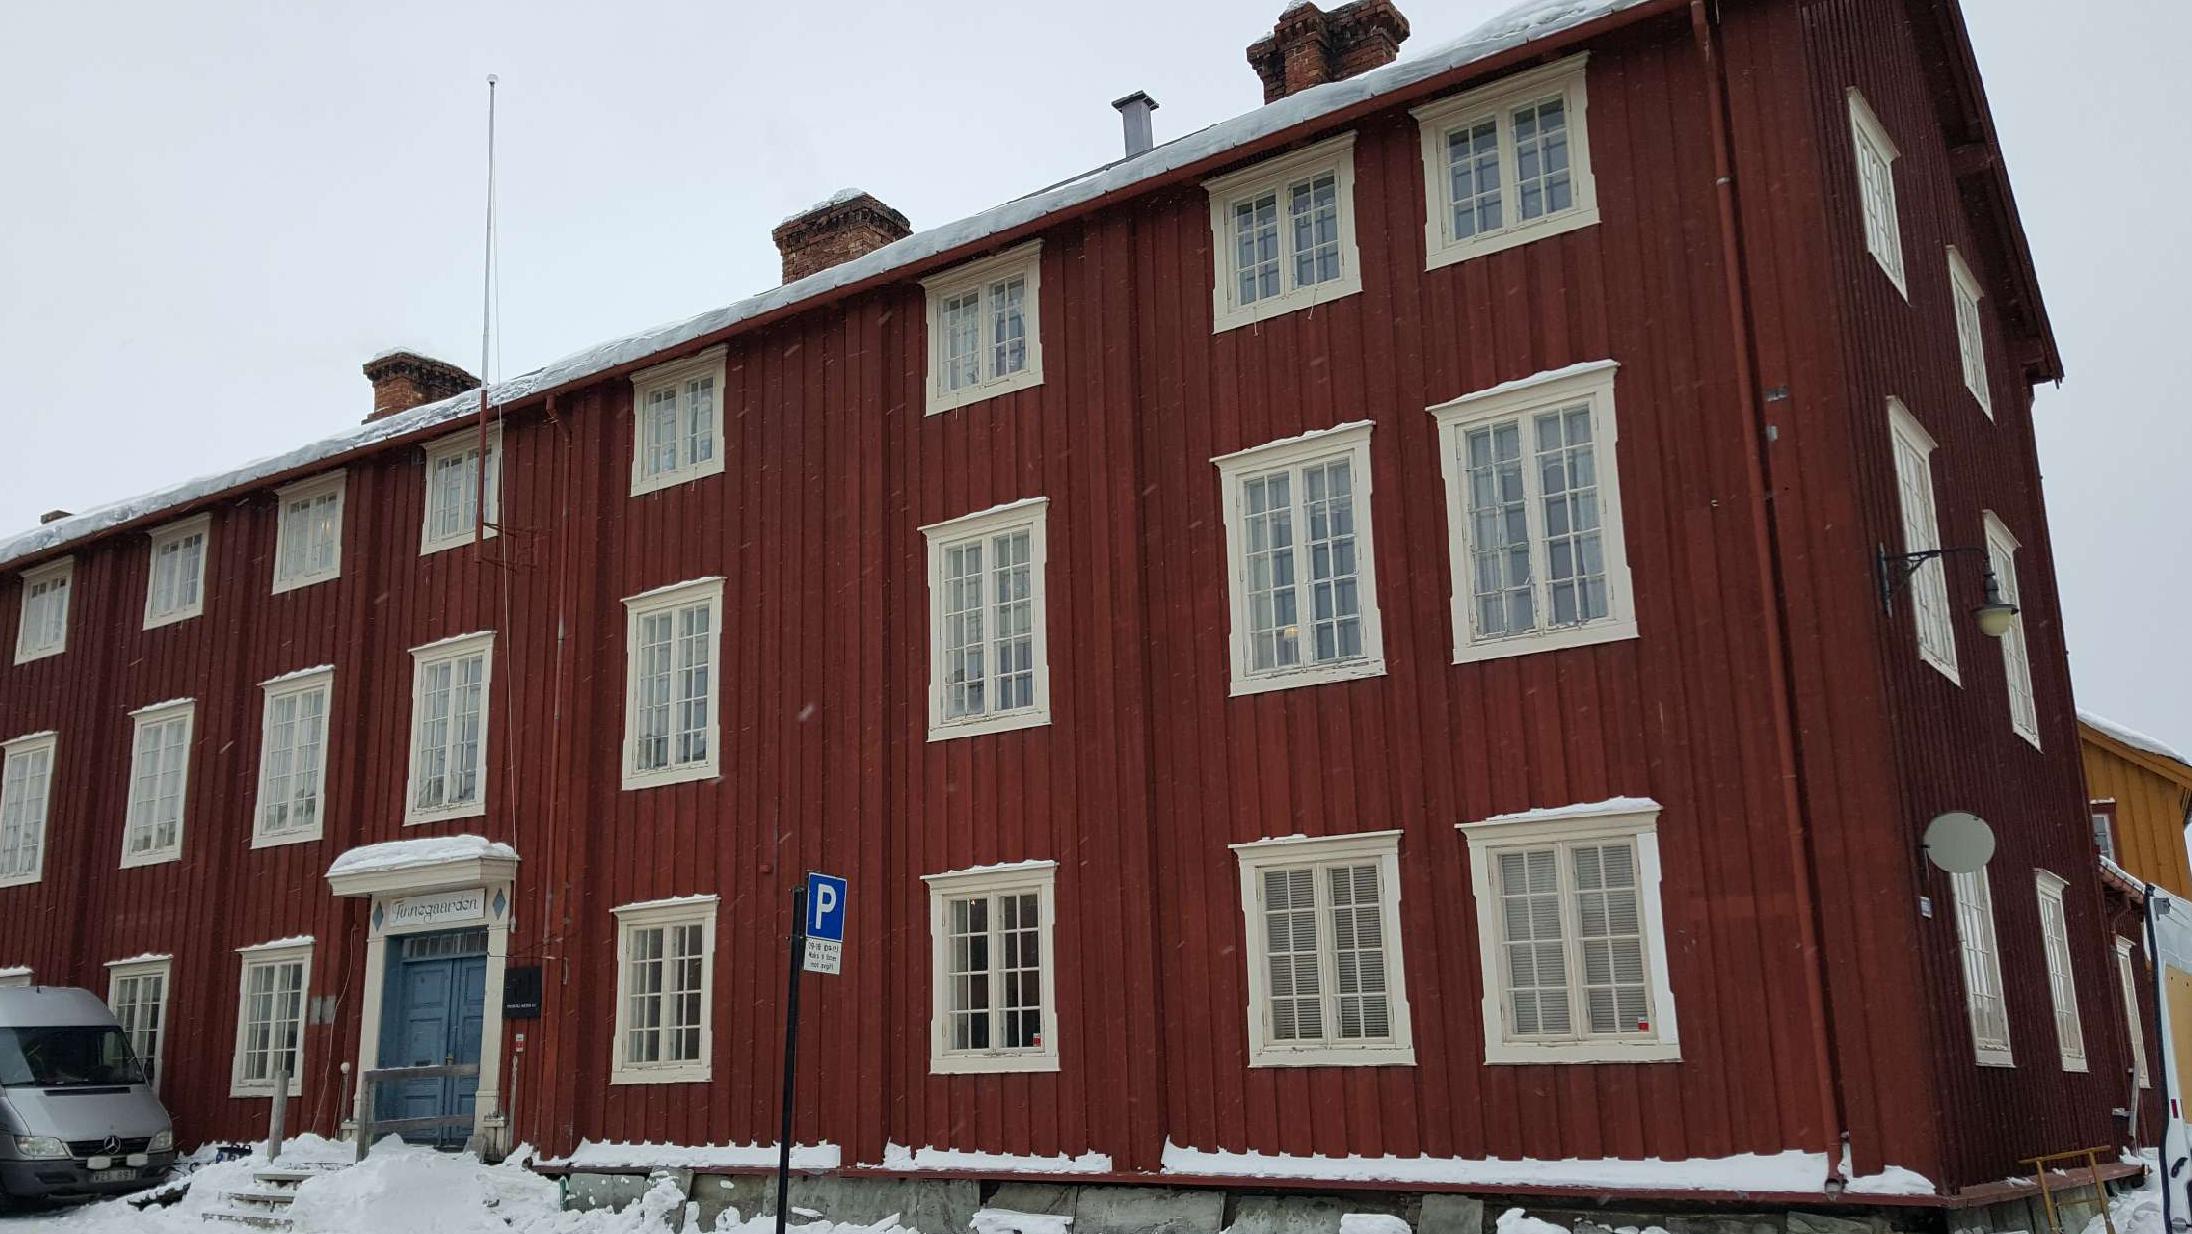 Bilde av Finnegården på Røros. Foto er tatt av Ingrid Melgård, Riksantikvaren